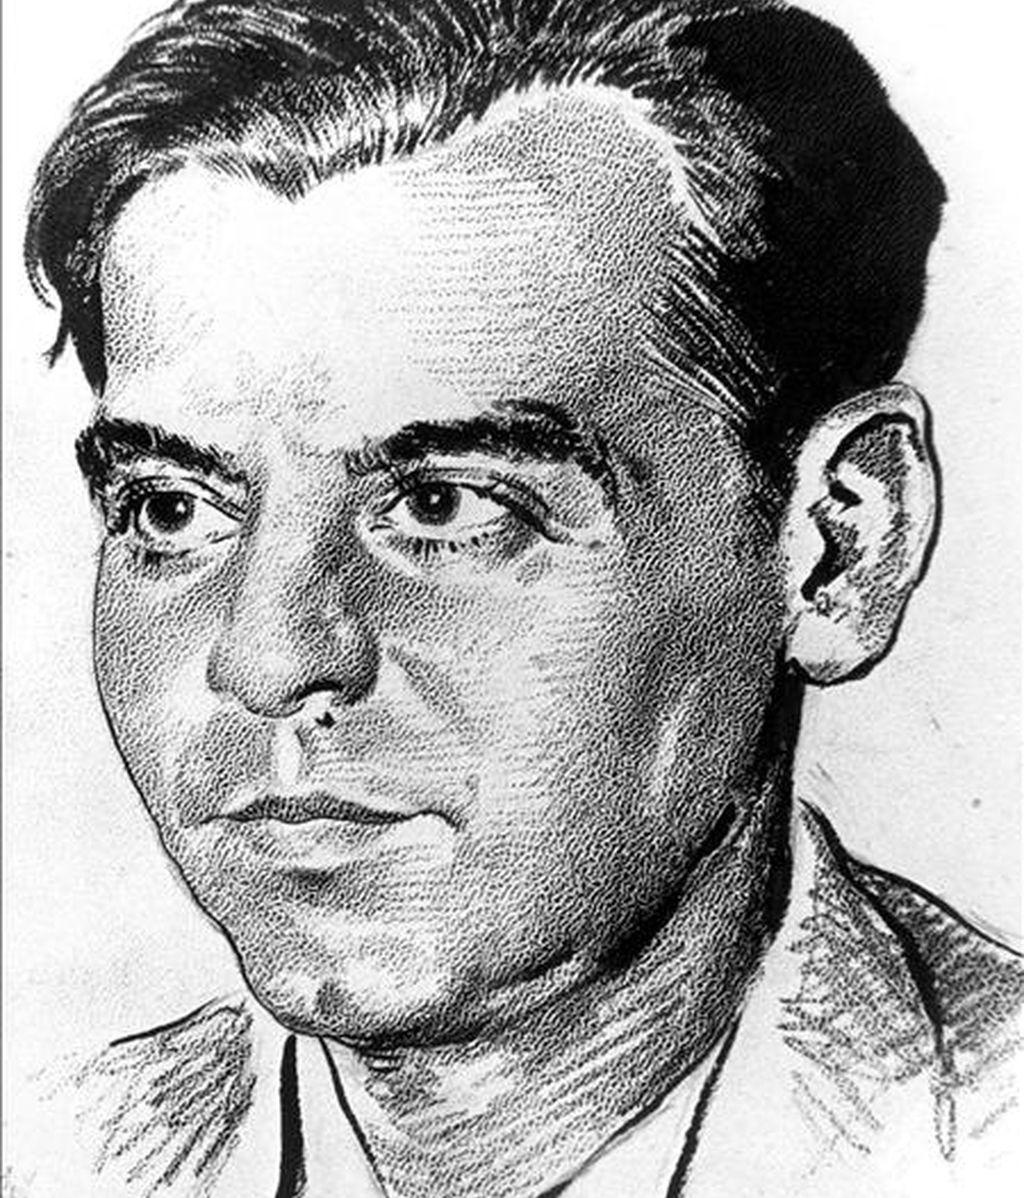 Retrato pintado del poeta Federico García Lorca. EFE/Archivo